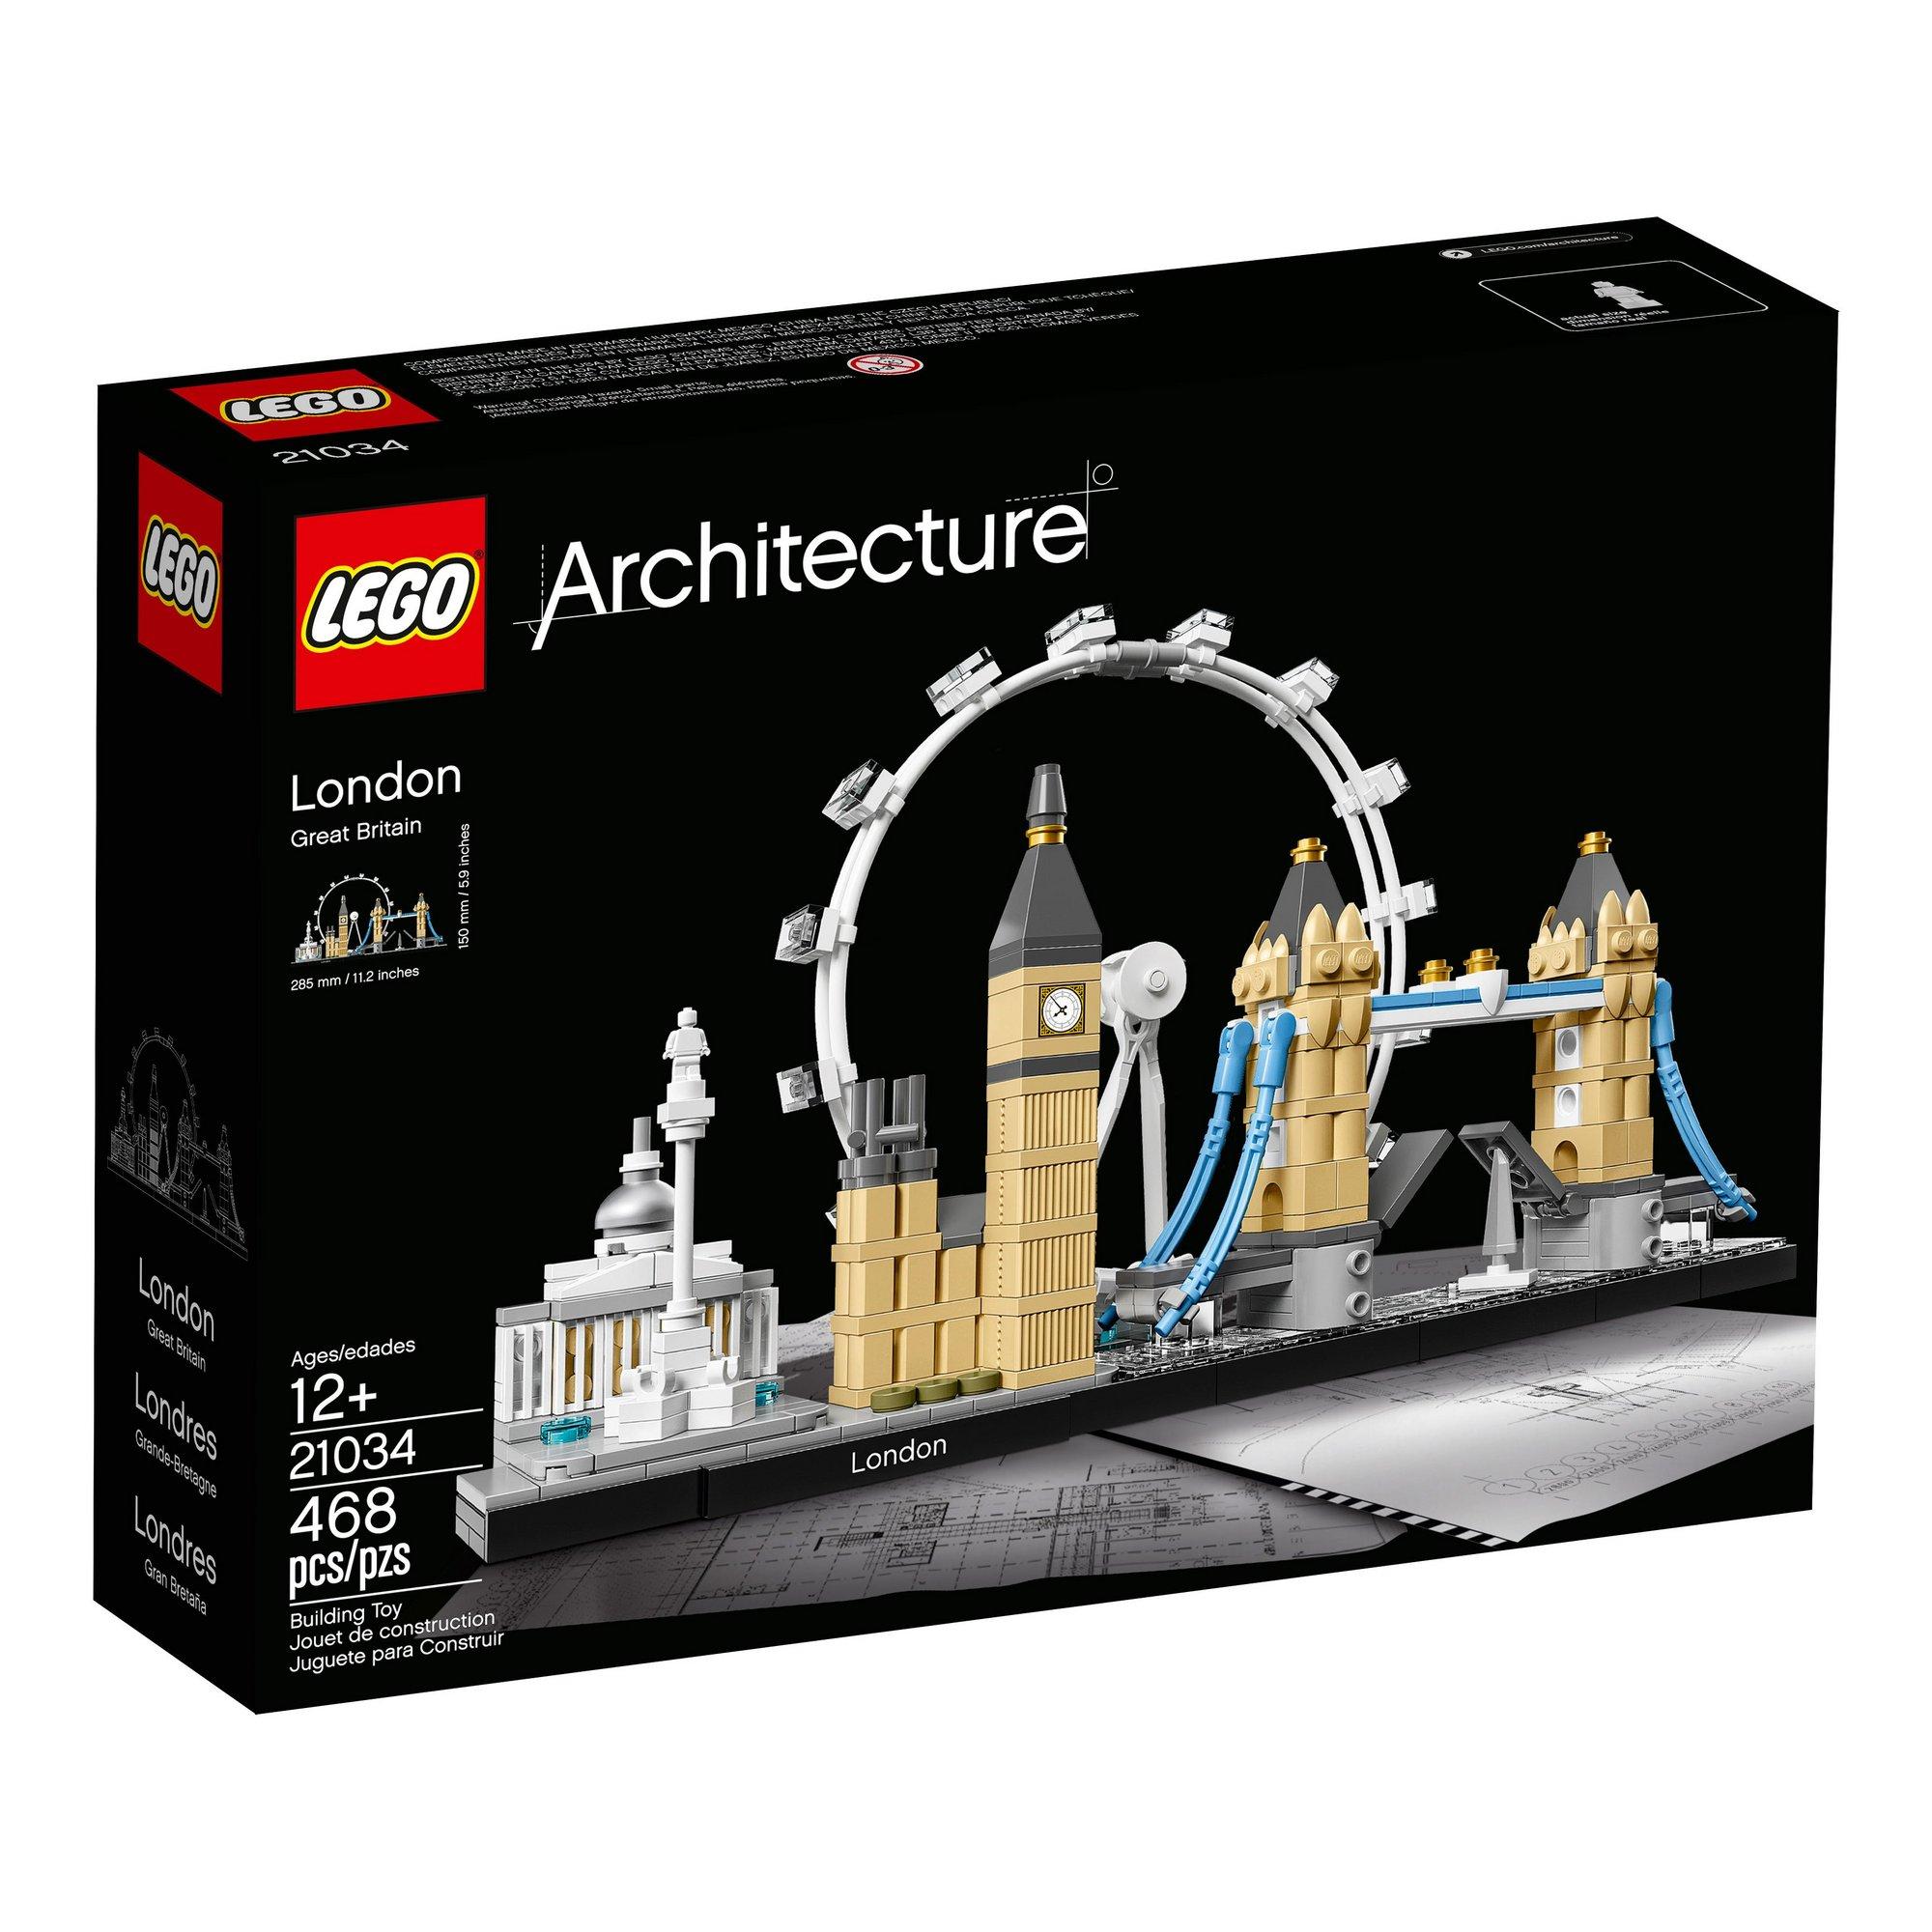 Image of LEGO Architecture London